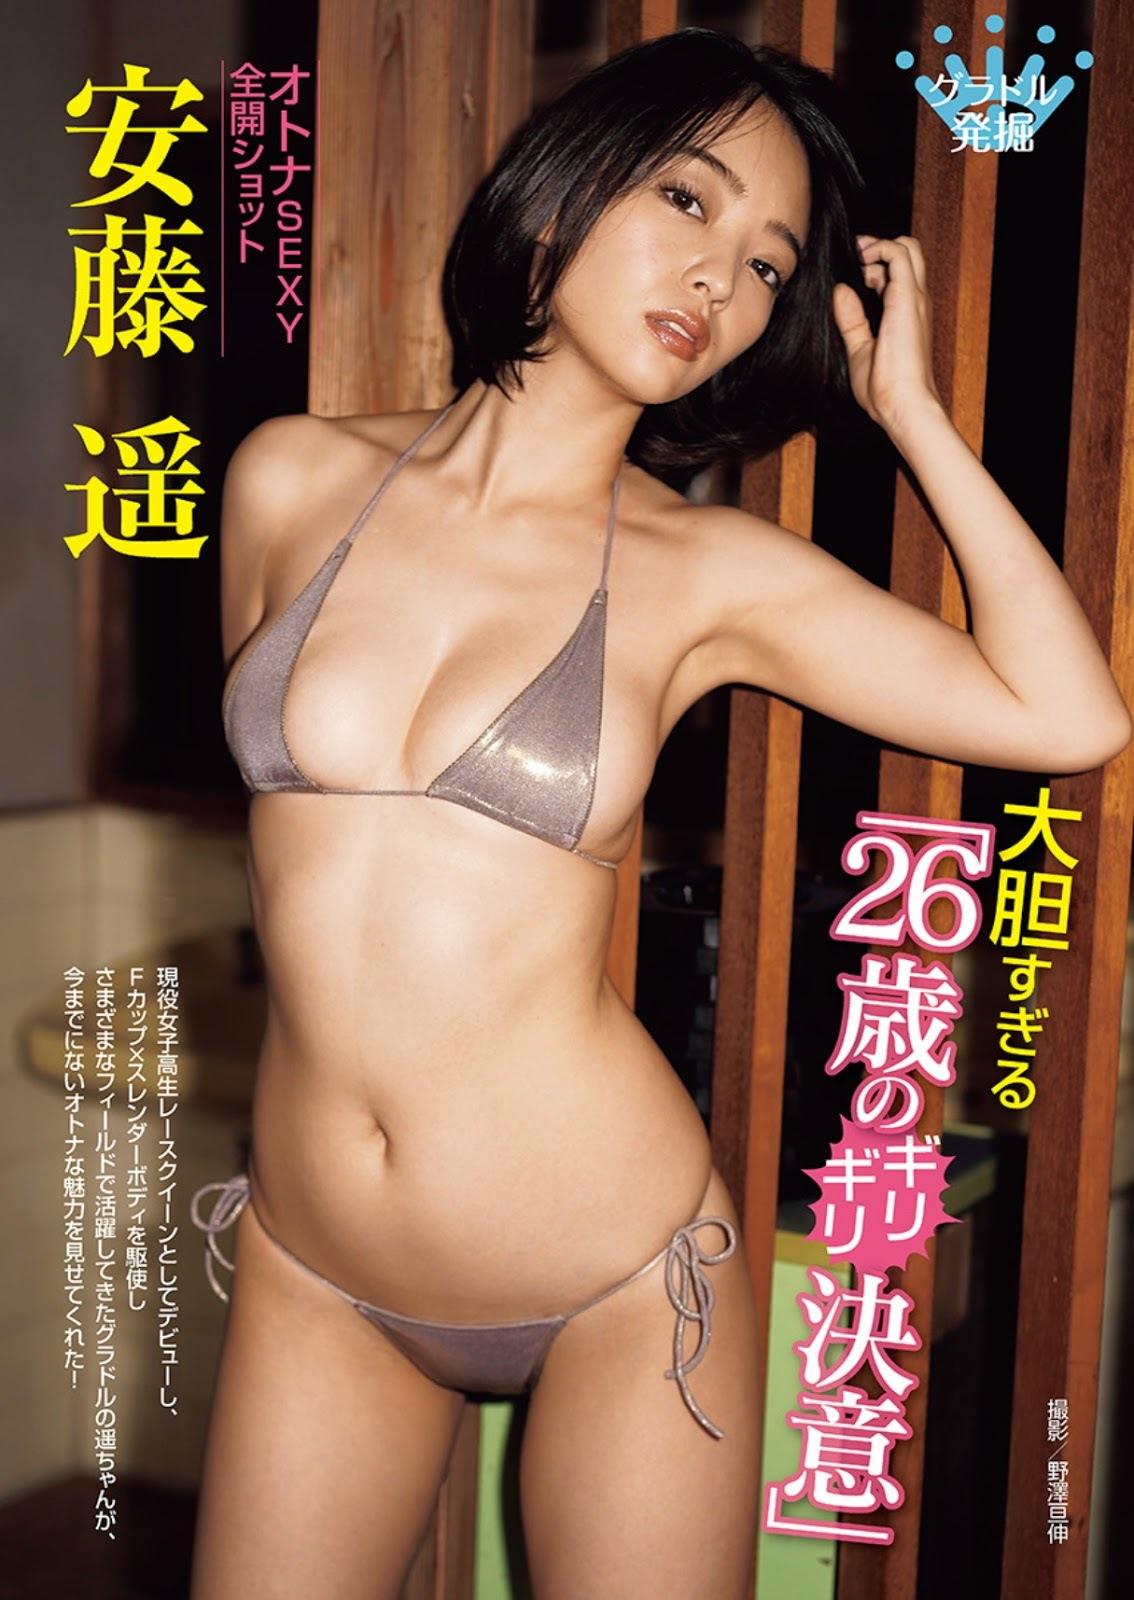 安藤遥33